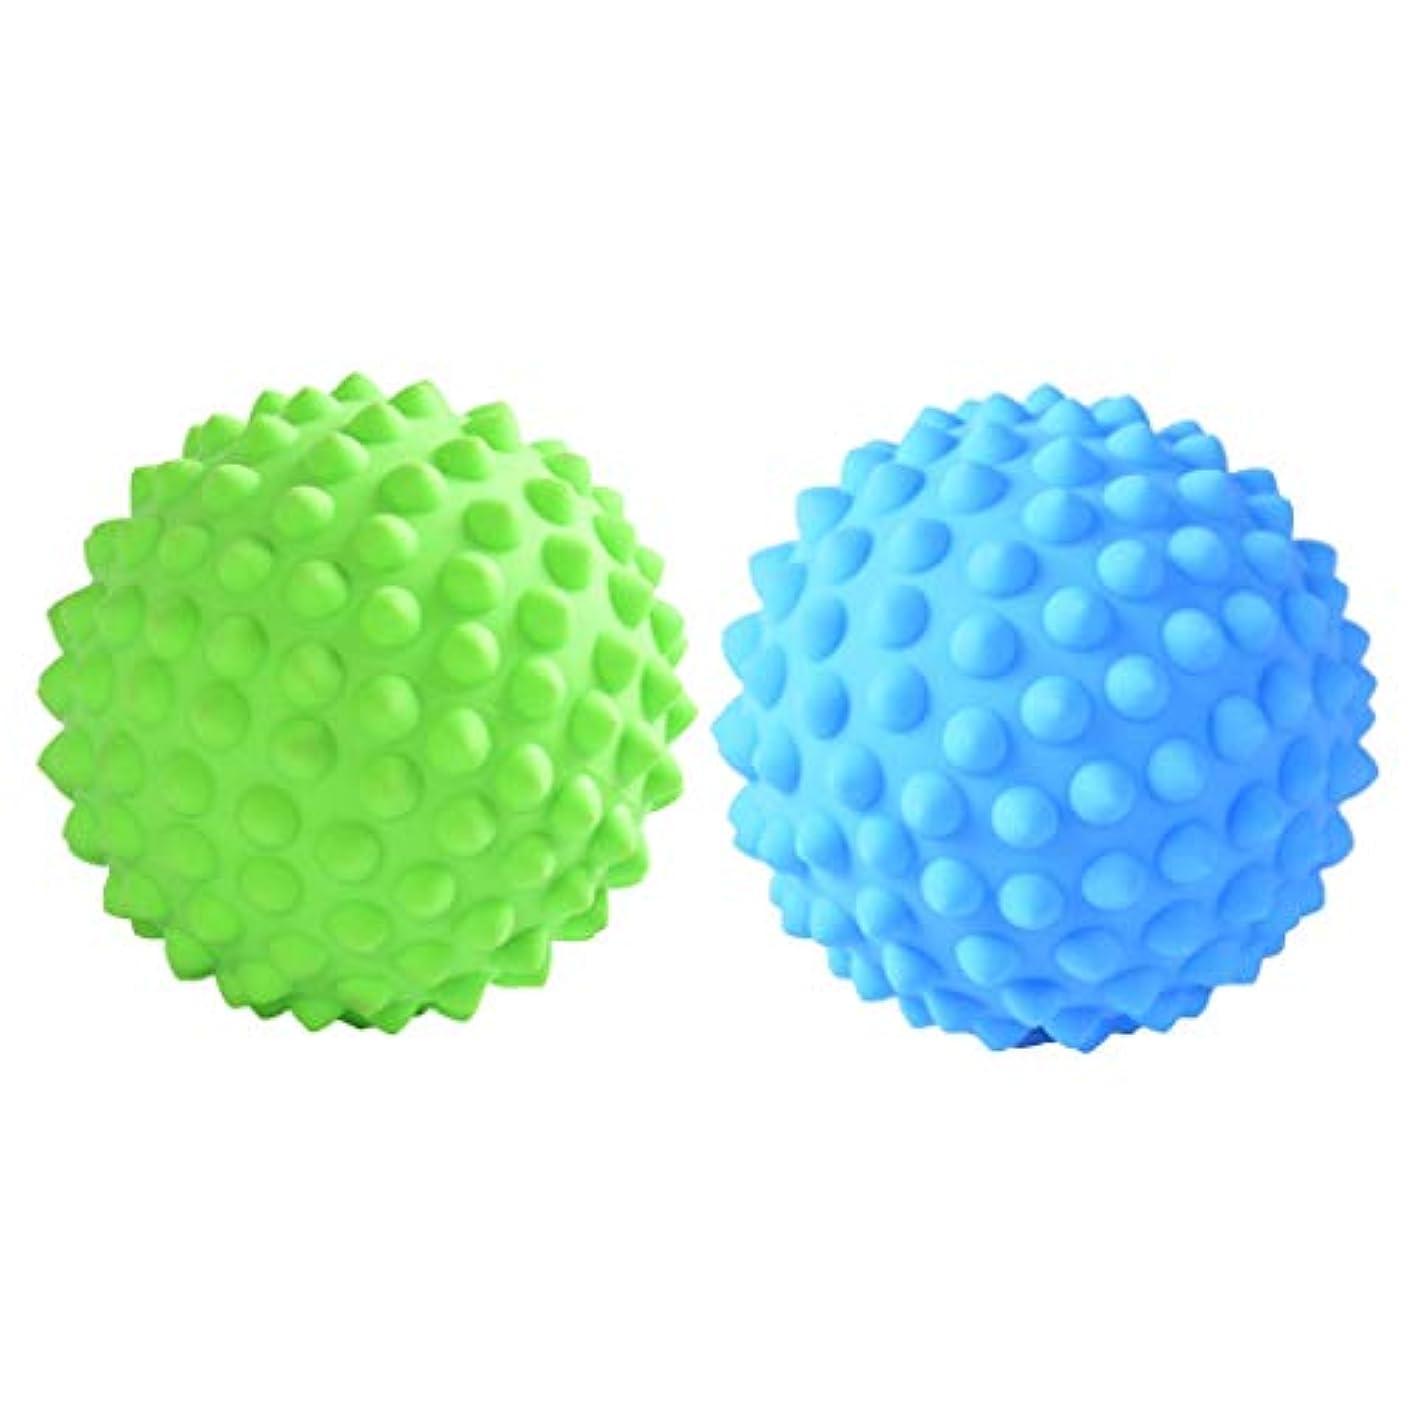 統計ピクニック吸うCUTICATE マッサージローラーボール 指圧ボール PVC トリガーポイント 筋膜 疲労軽減 健康的 2個入